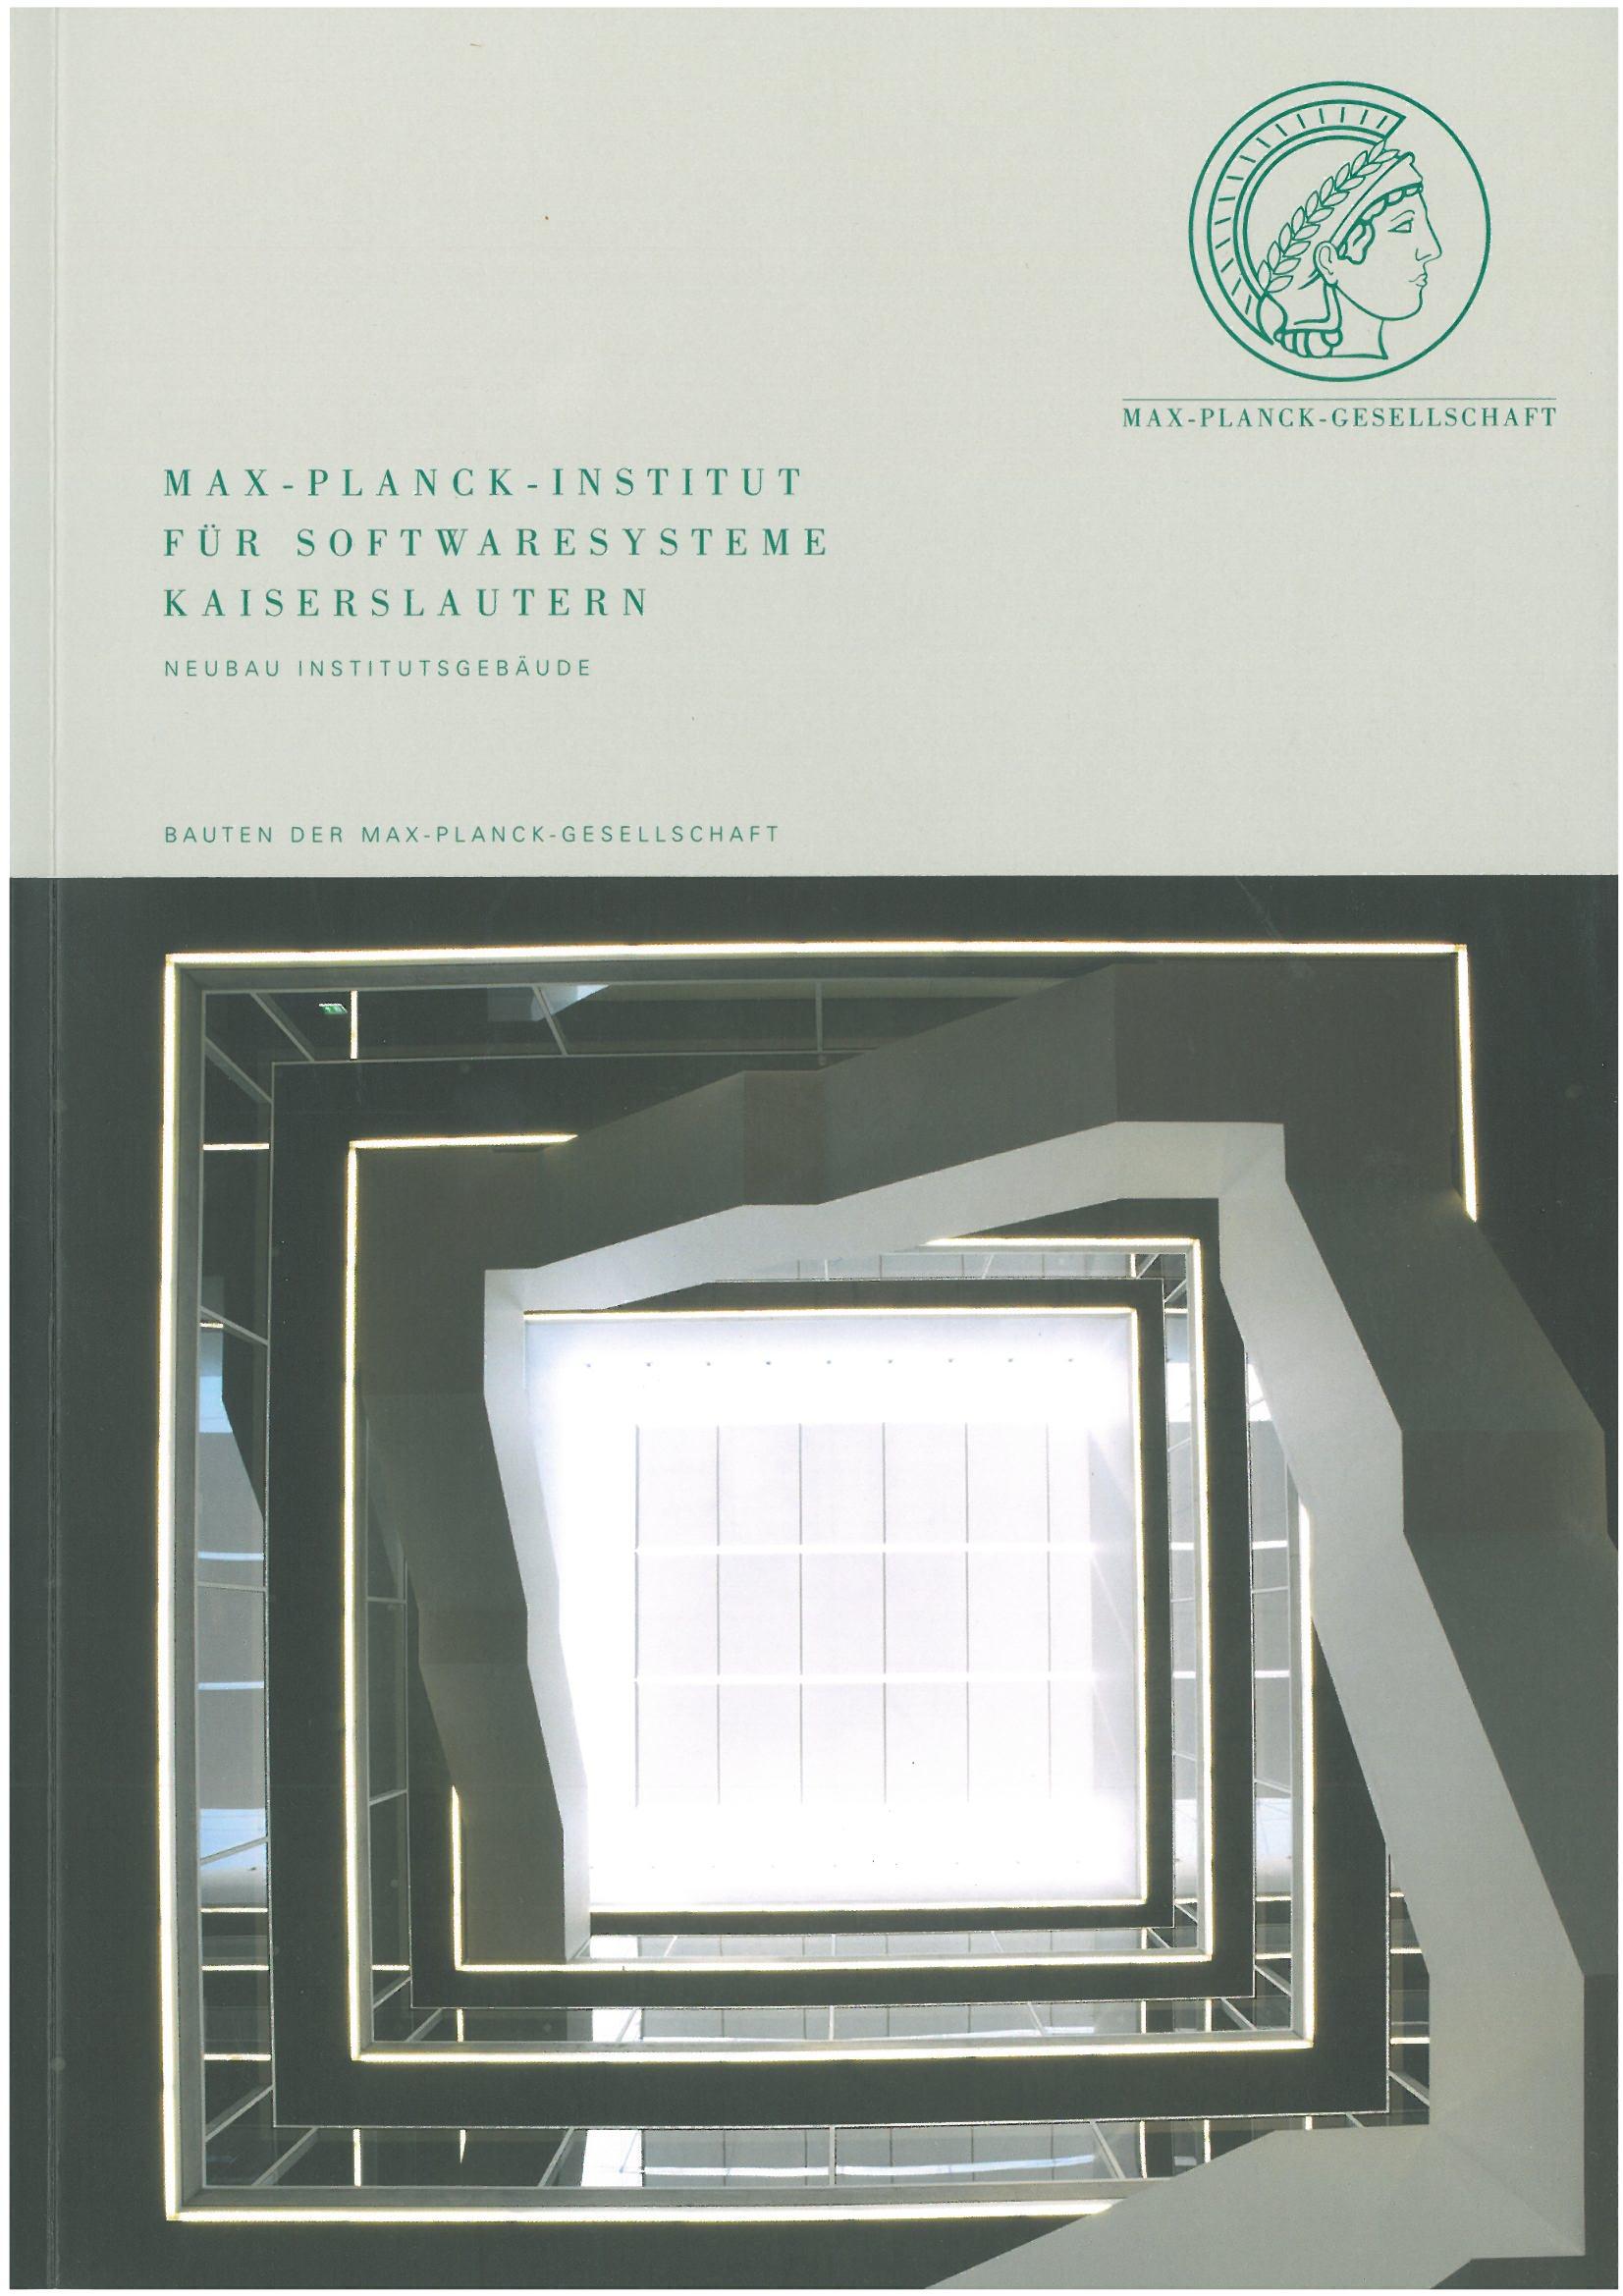 leicht-france-max-plank-institut_Seite_1